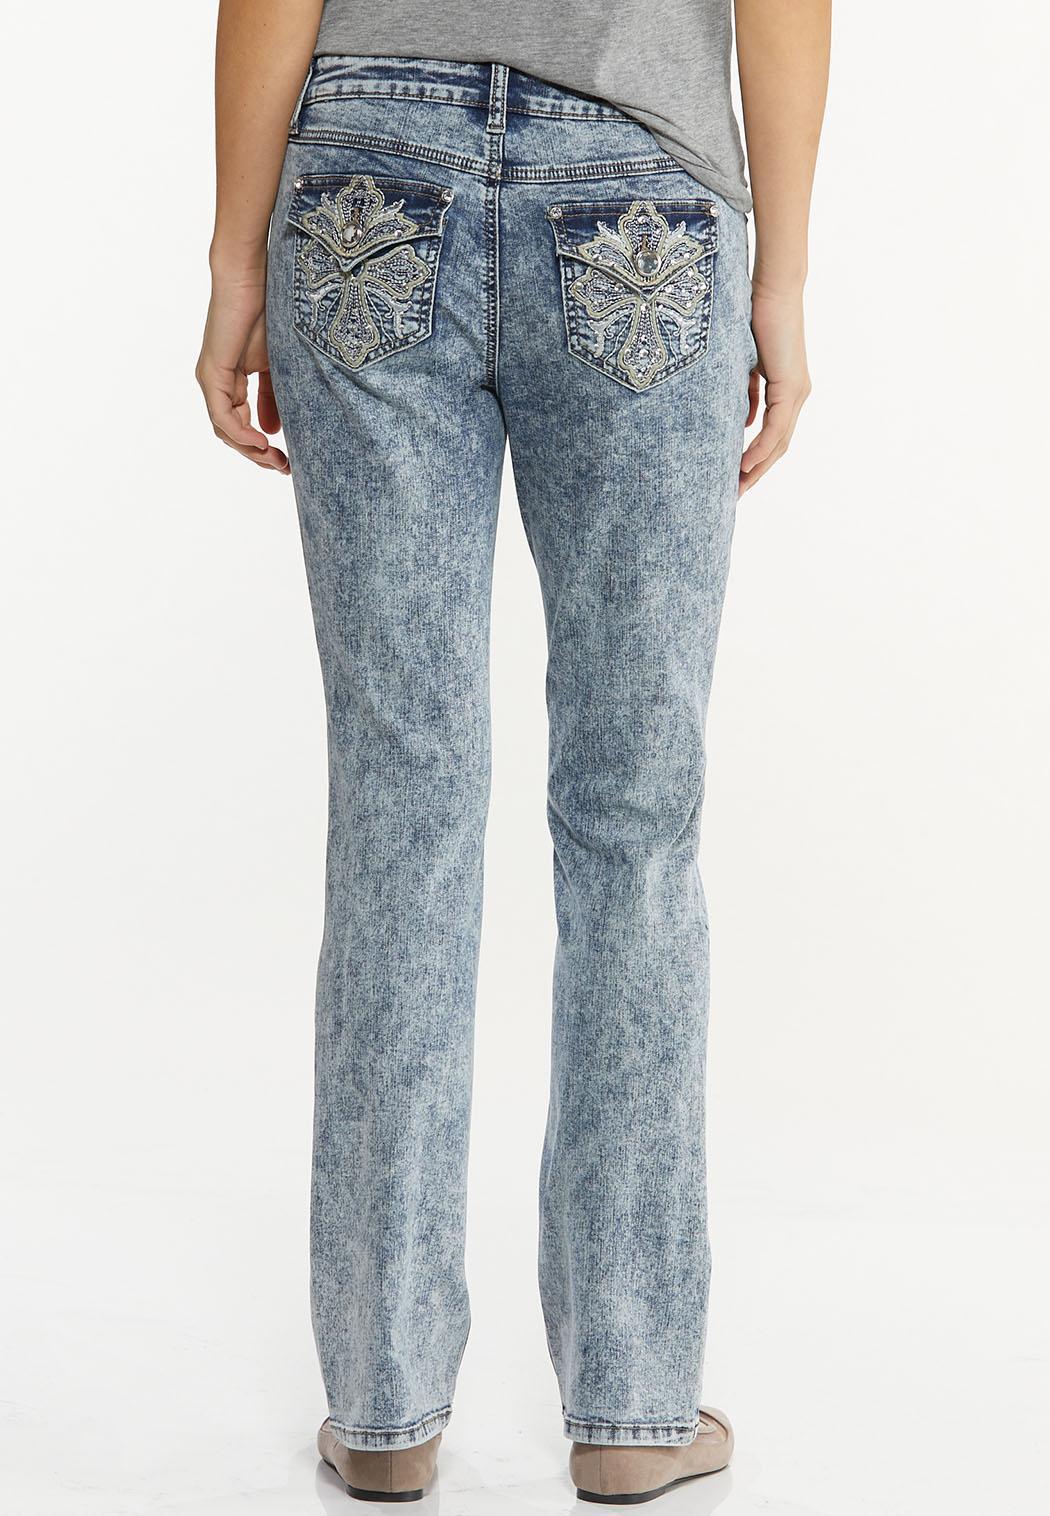 Petite Dark Vintage Wash Jeans